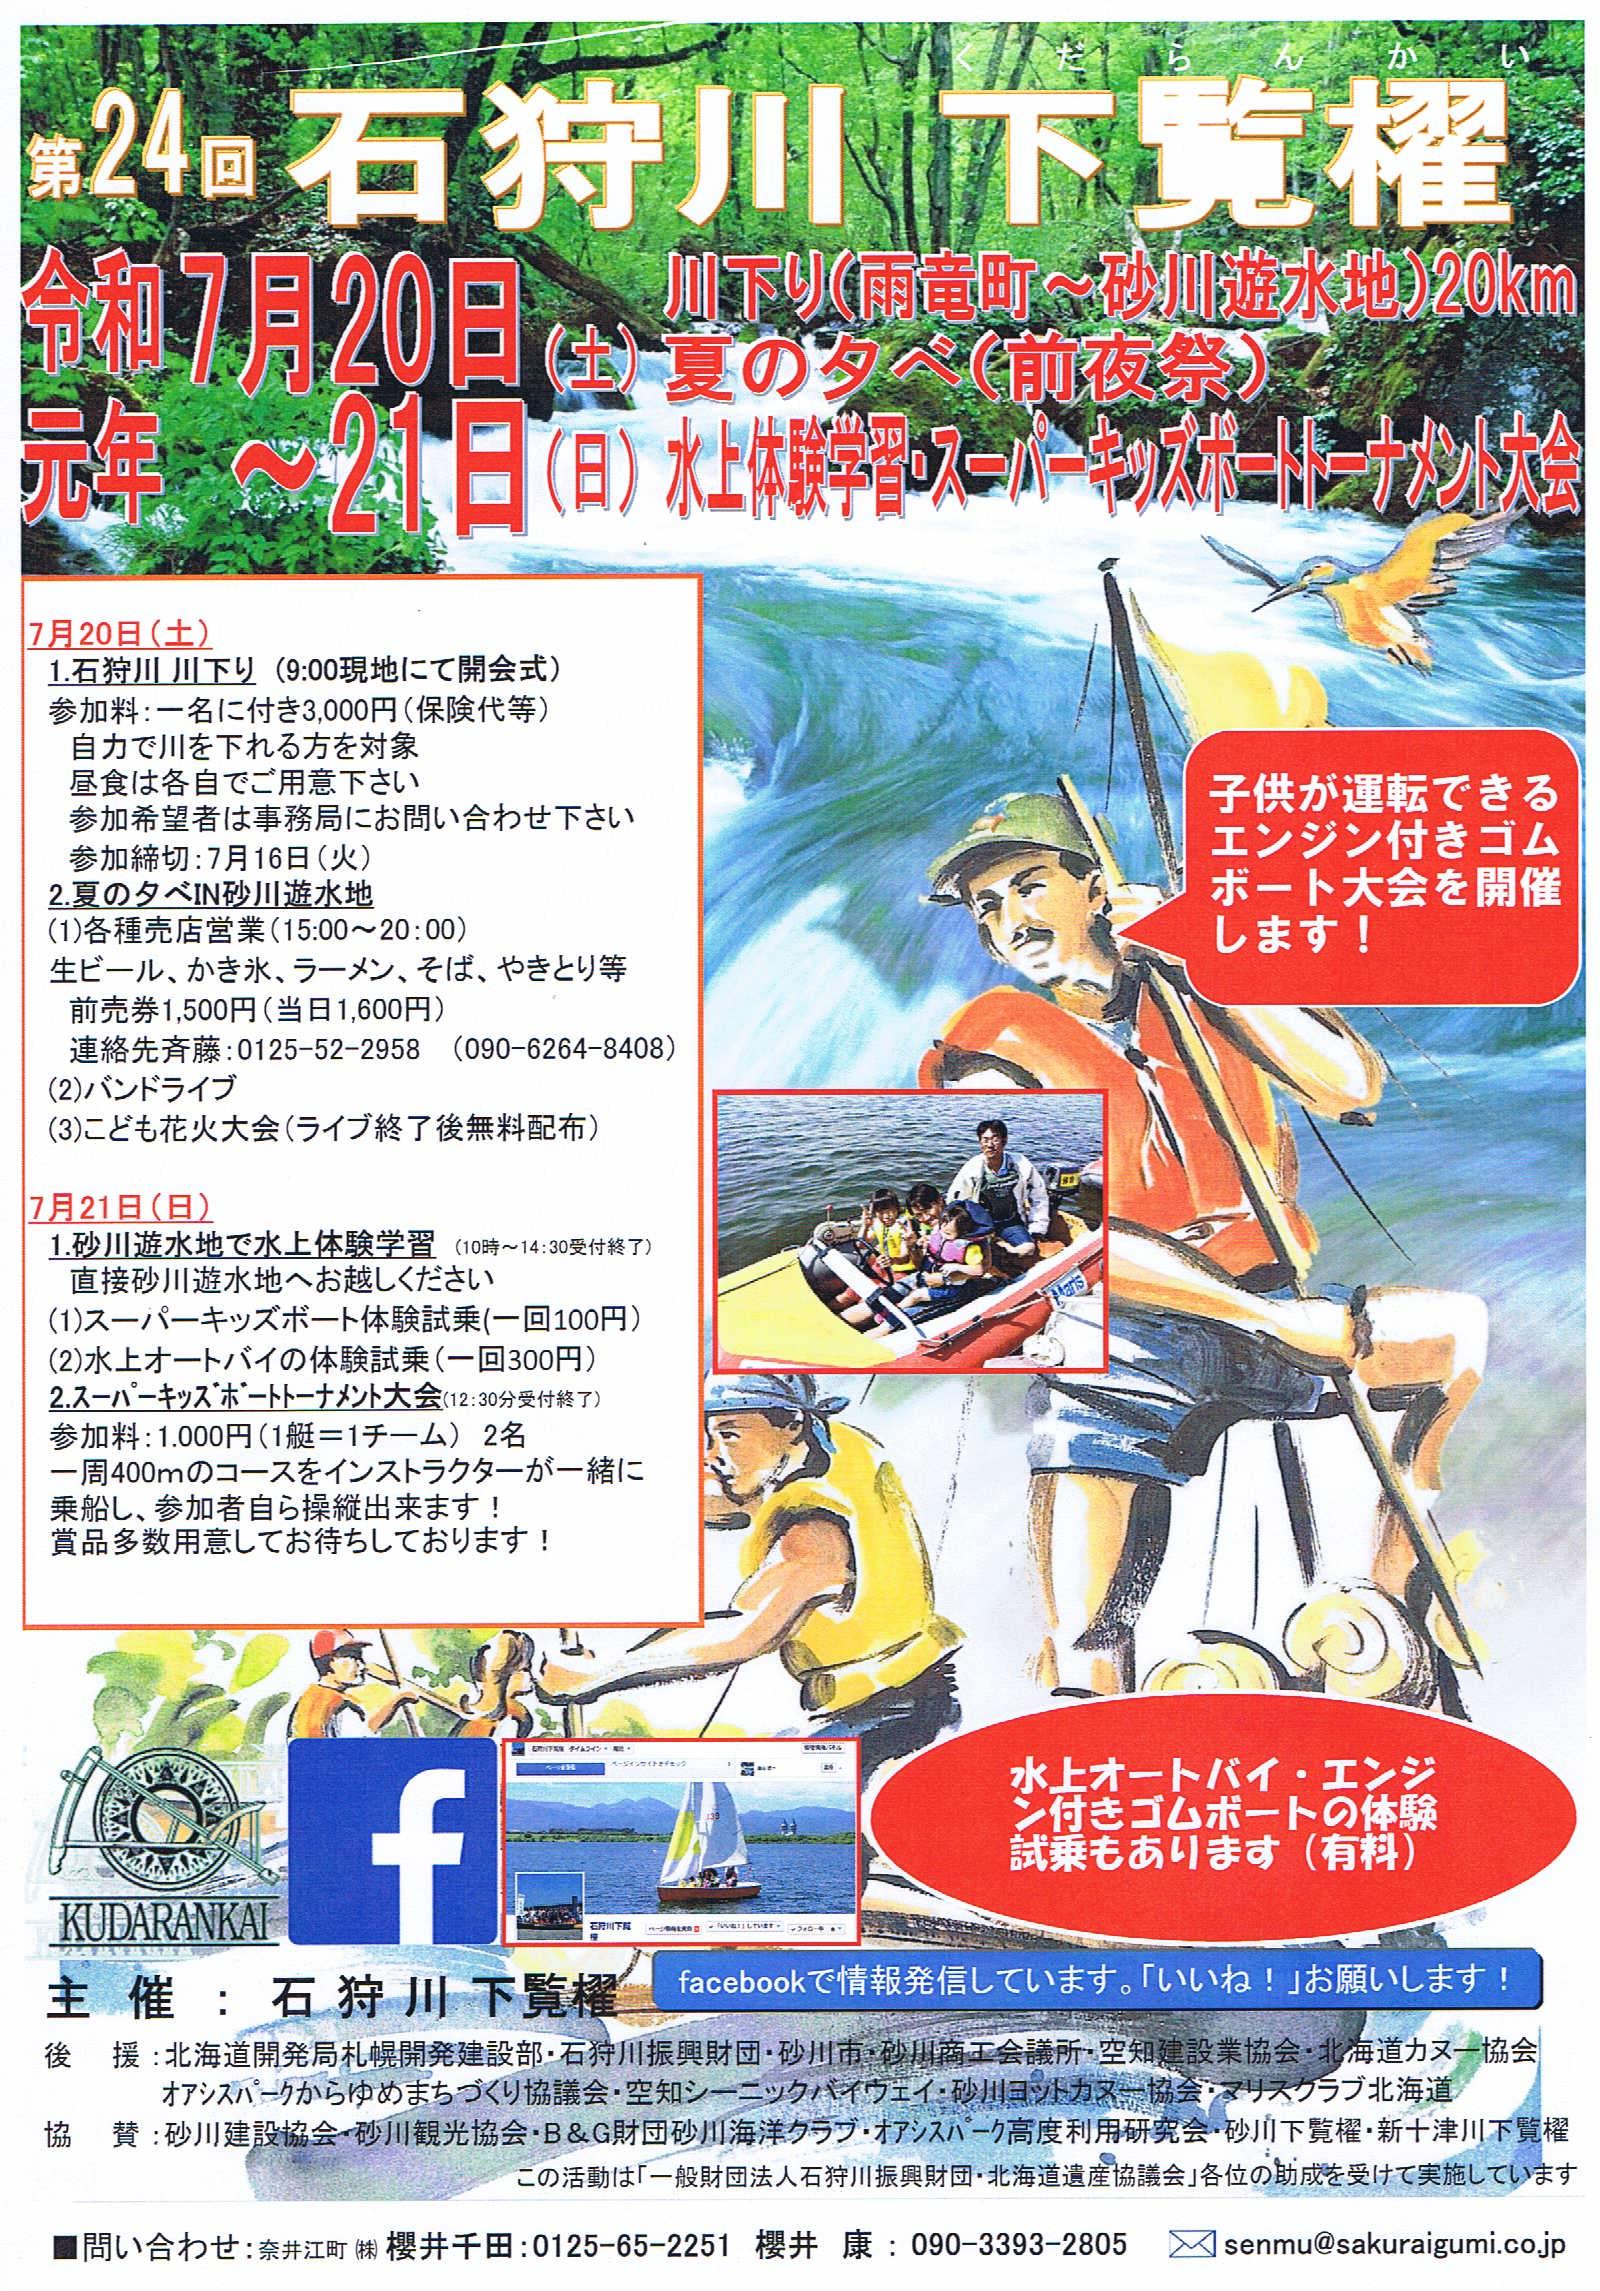 第24回 石狩川下覧櫂のポスター